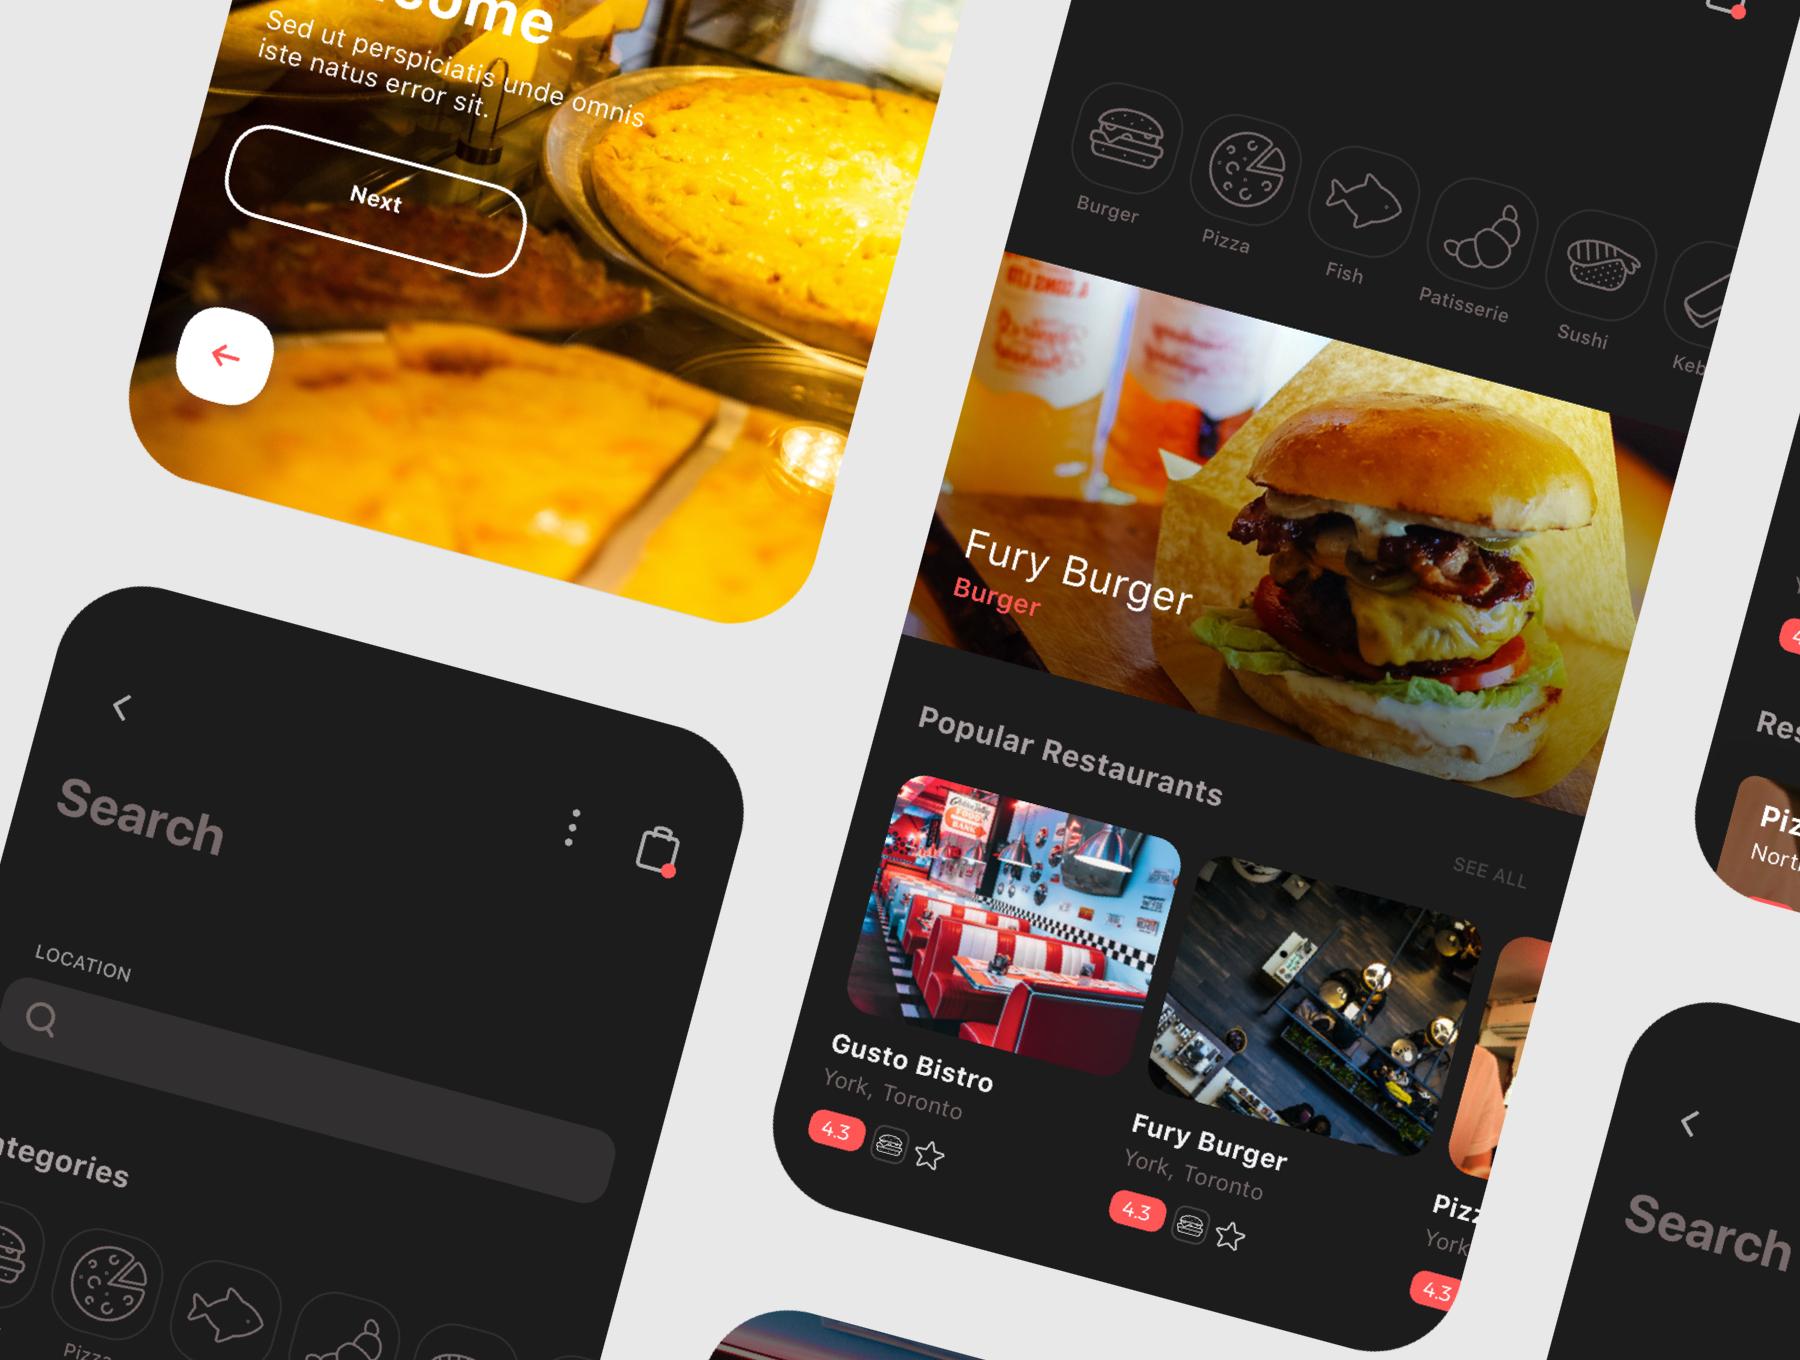 食品外卖配送服务移动应用APP界面设计UI套件 Spes Dark Food Delivery App UI Kit插图(6)